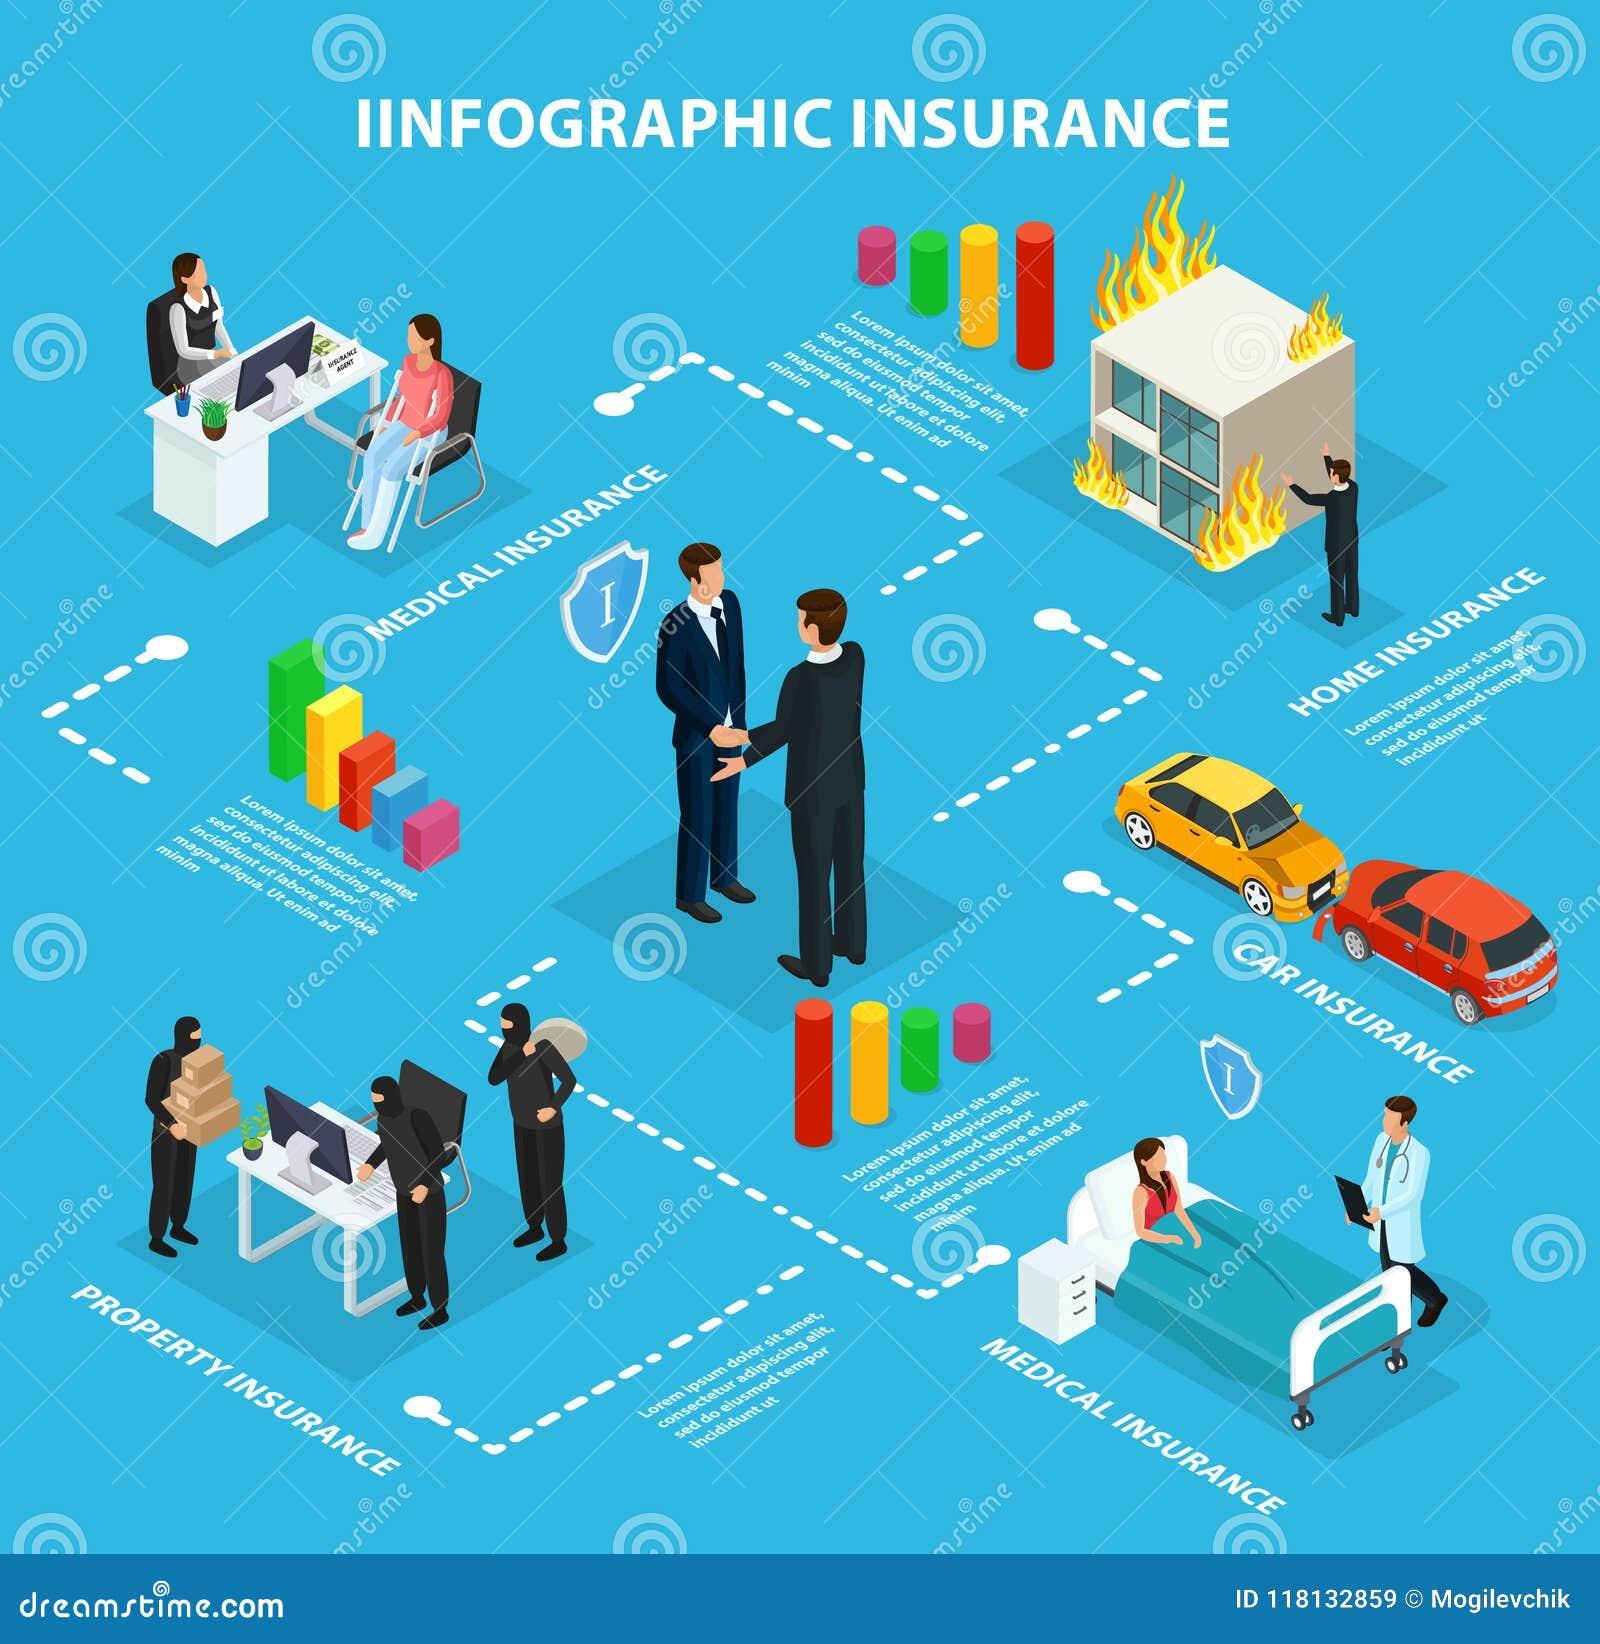 Fluxograma isométrico de Infographic do serviço de seguro